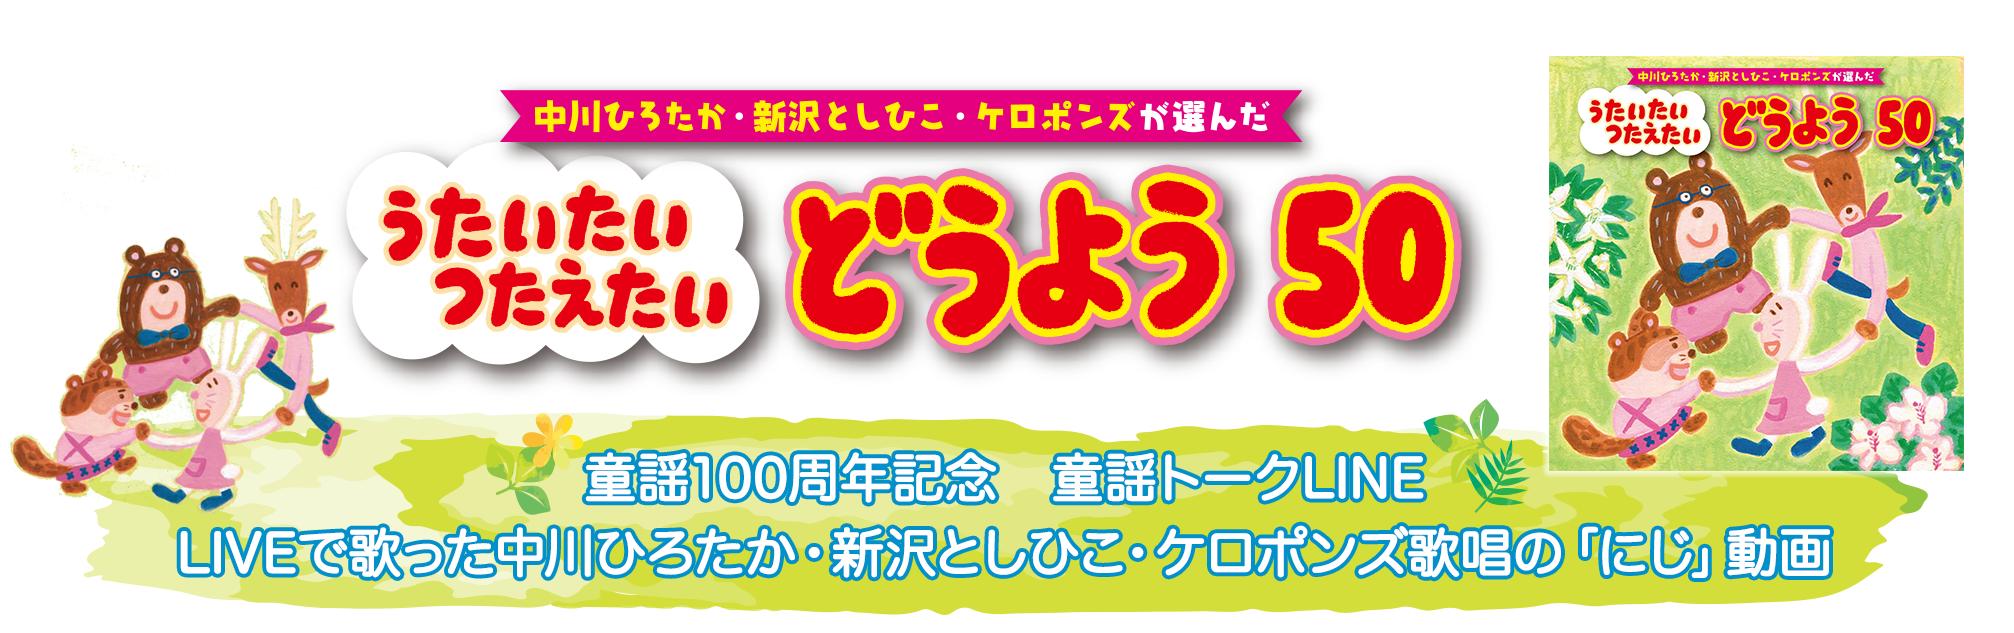 中川ひろたか・新沢としひこ・ケロポンズが選んだ うたいたい つたえたい どうよう50<童謡100周年記念CD>